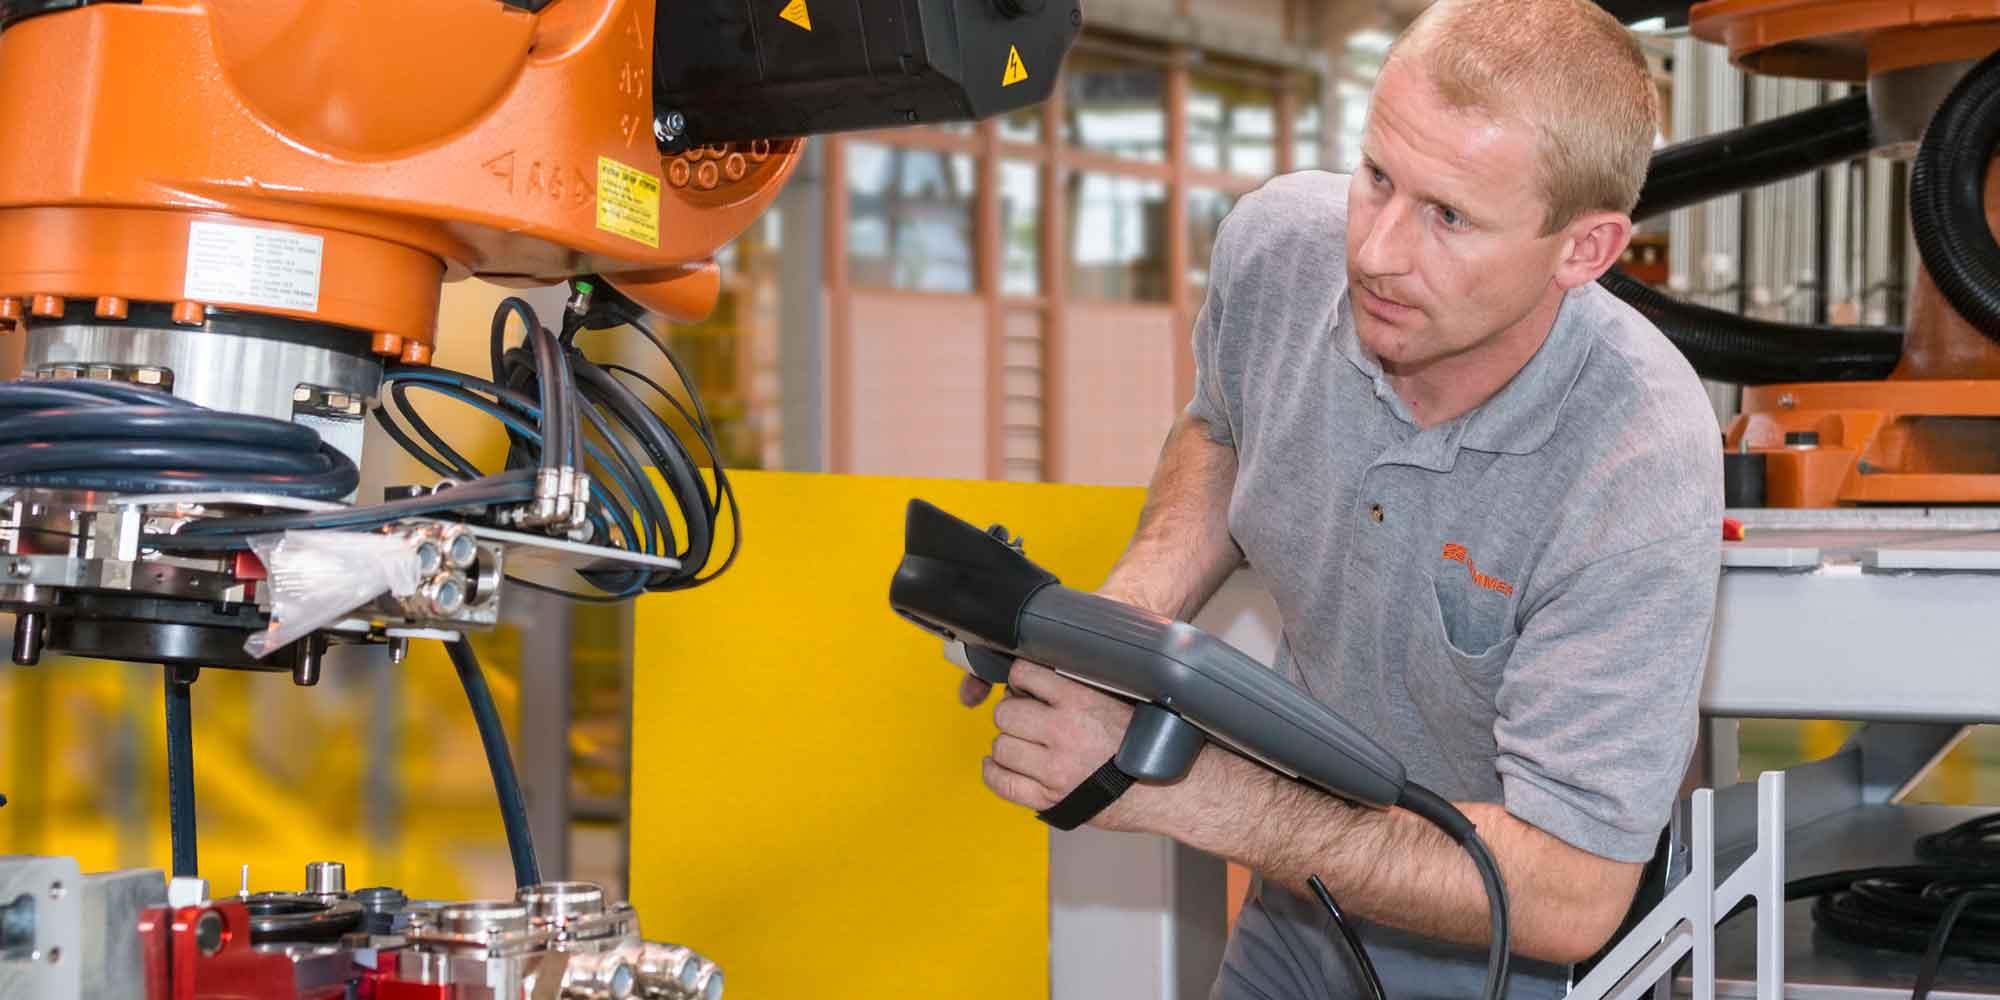 Robotertechnik-Gaemmerler-Gelting